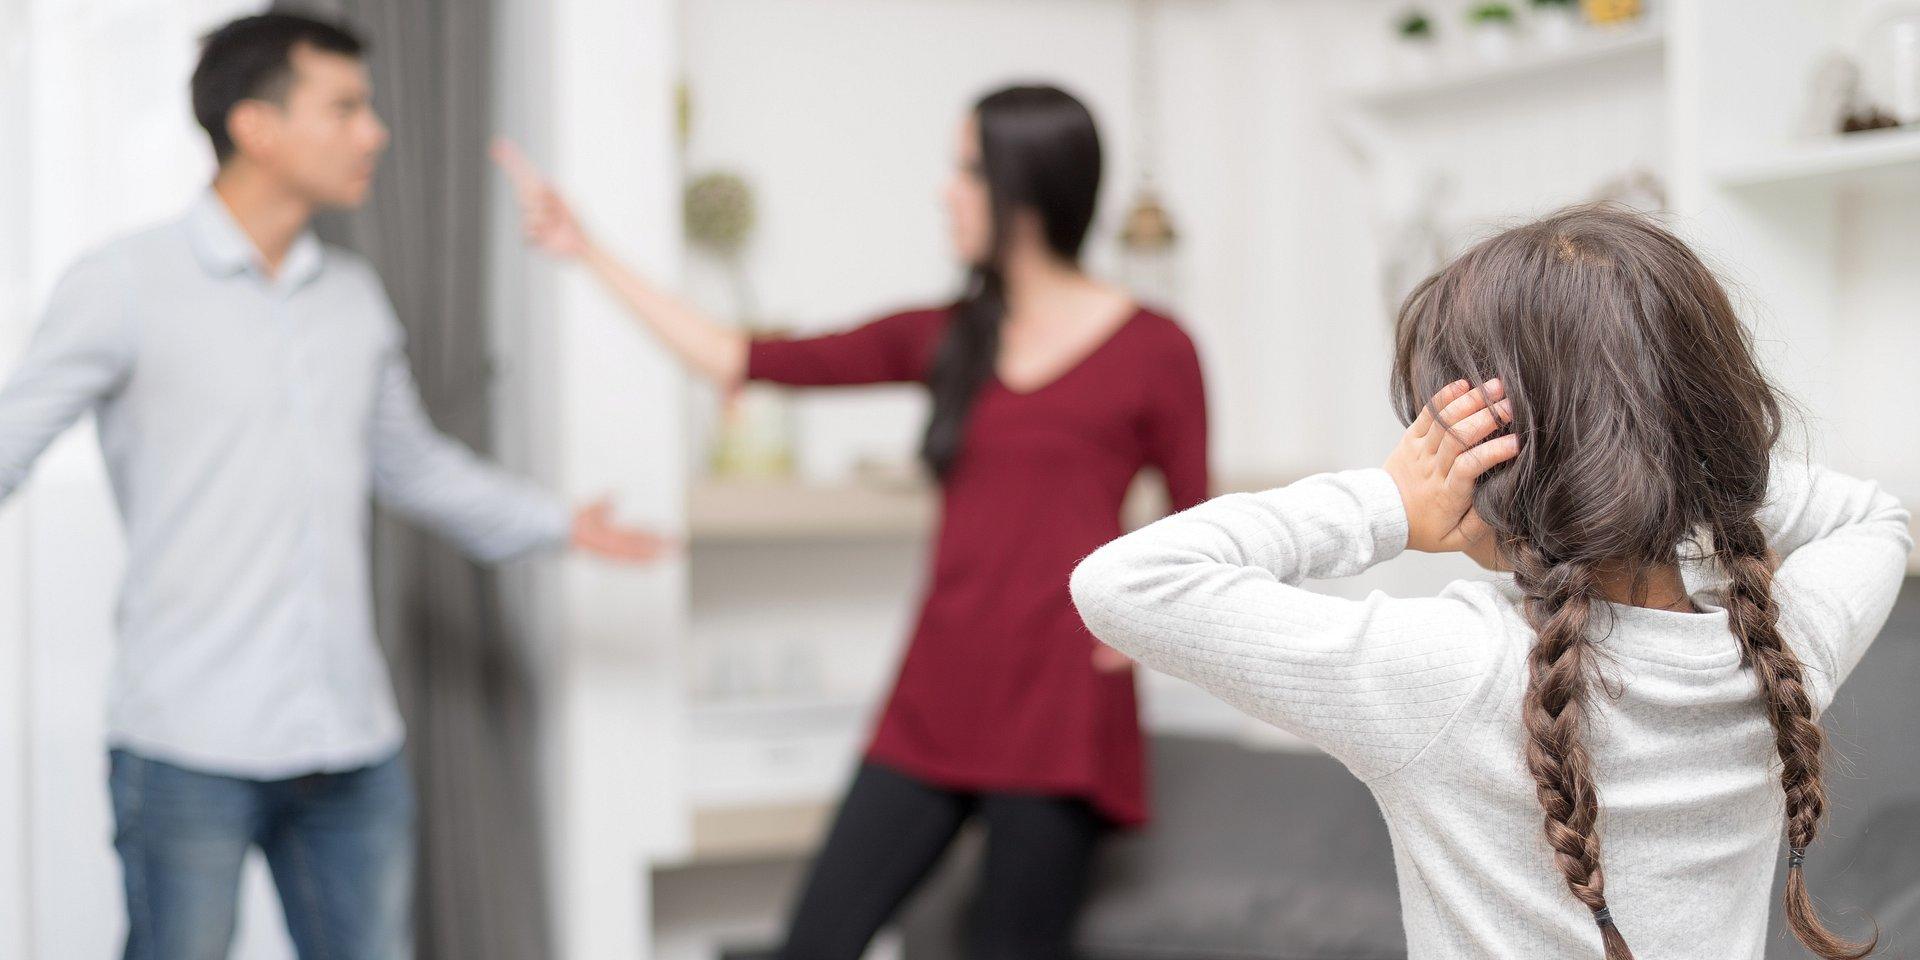 Rozwód z perspektywy dziecka – jak oszczędzić mu traumy?